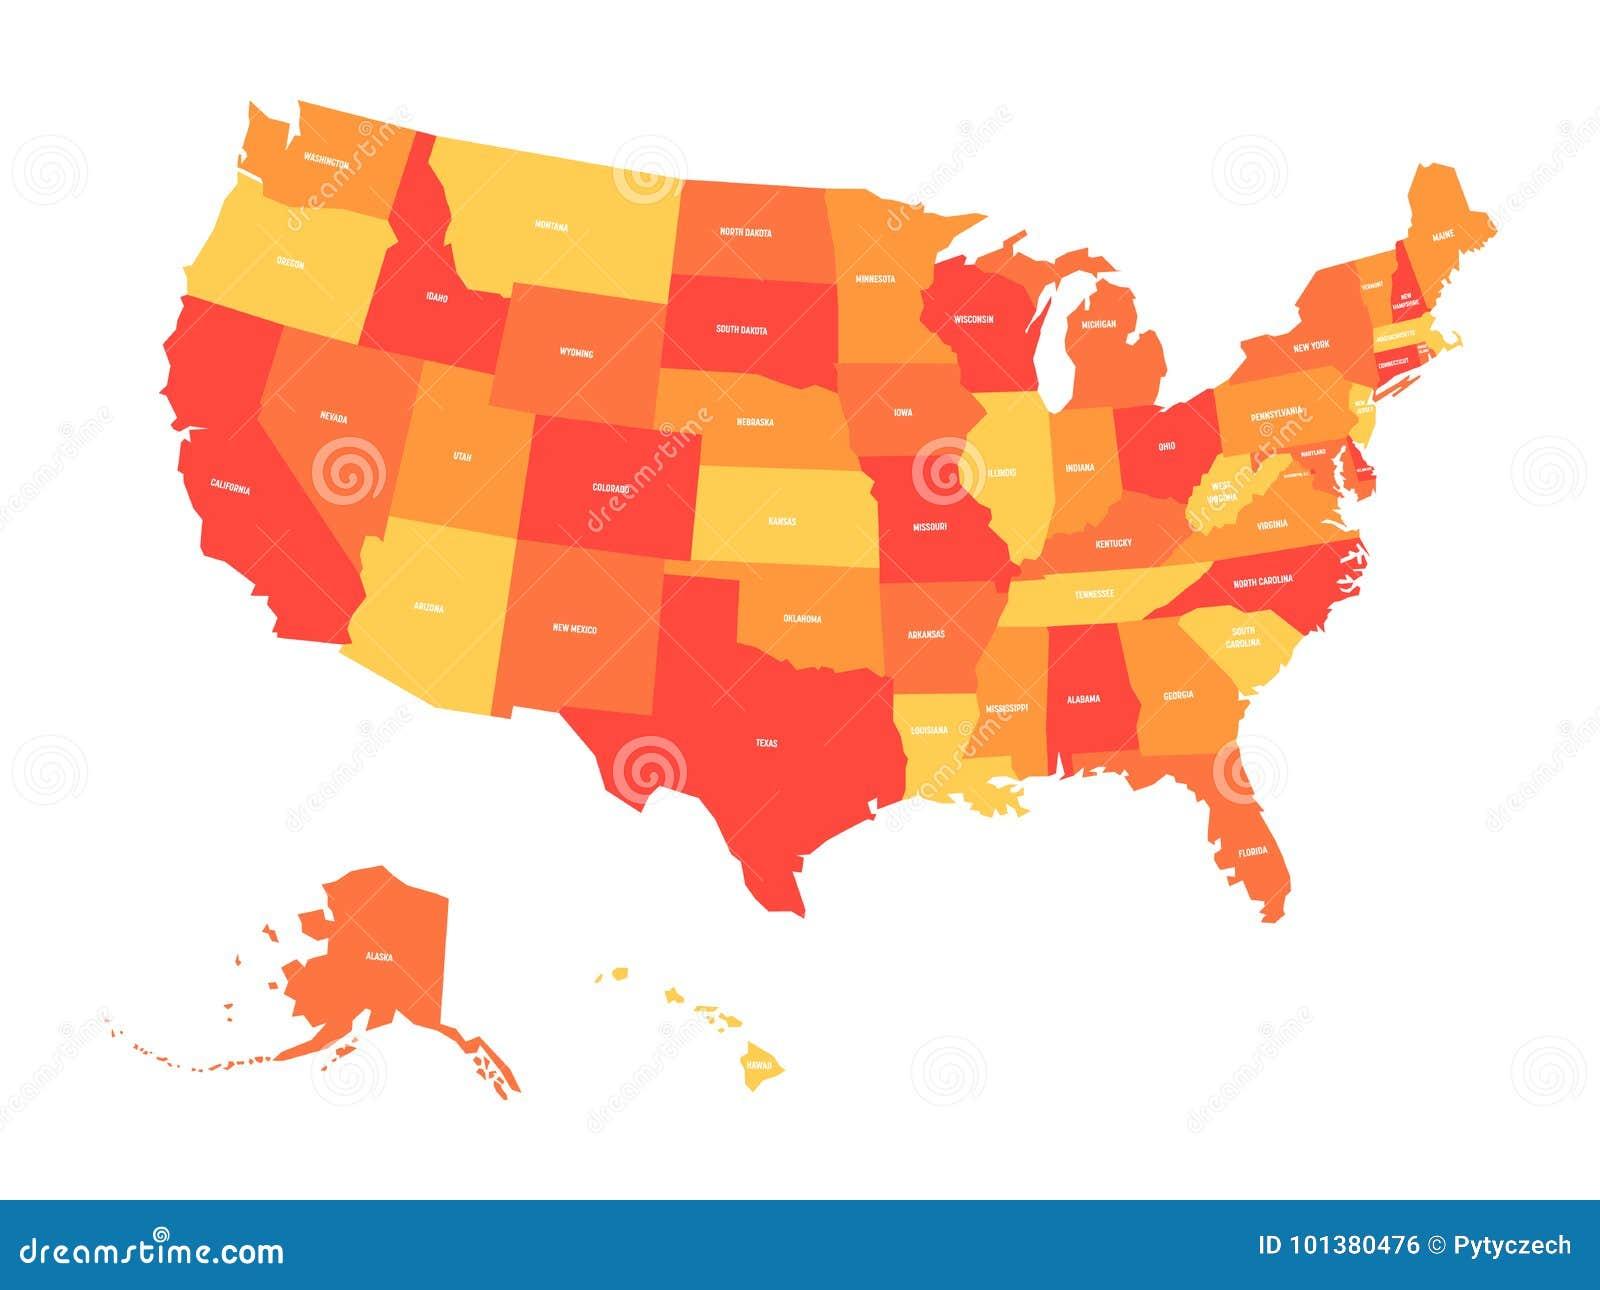 La Cartina Degli Stati Uniti D America.Mappa Degli Stati Uniti D America U S A In Quattro Tonalita Di Arancio E Di Rosso Con Le Etichette Bianche Dello Stato Vettore Illustrazione Vettoriale Illustrazione Di Nord America 101380476